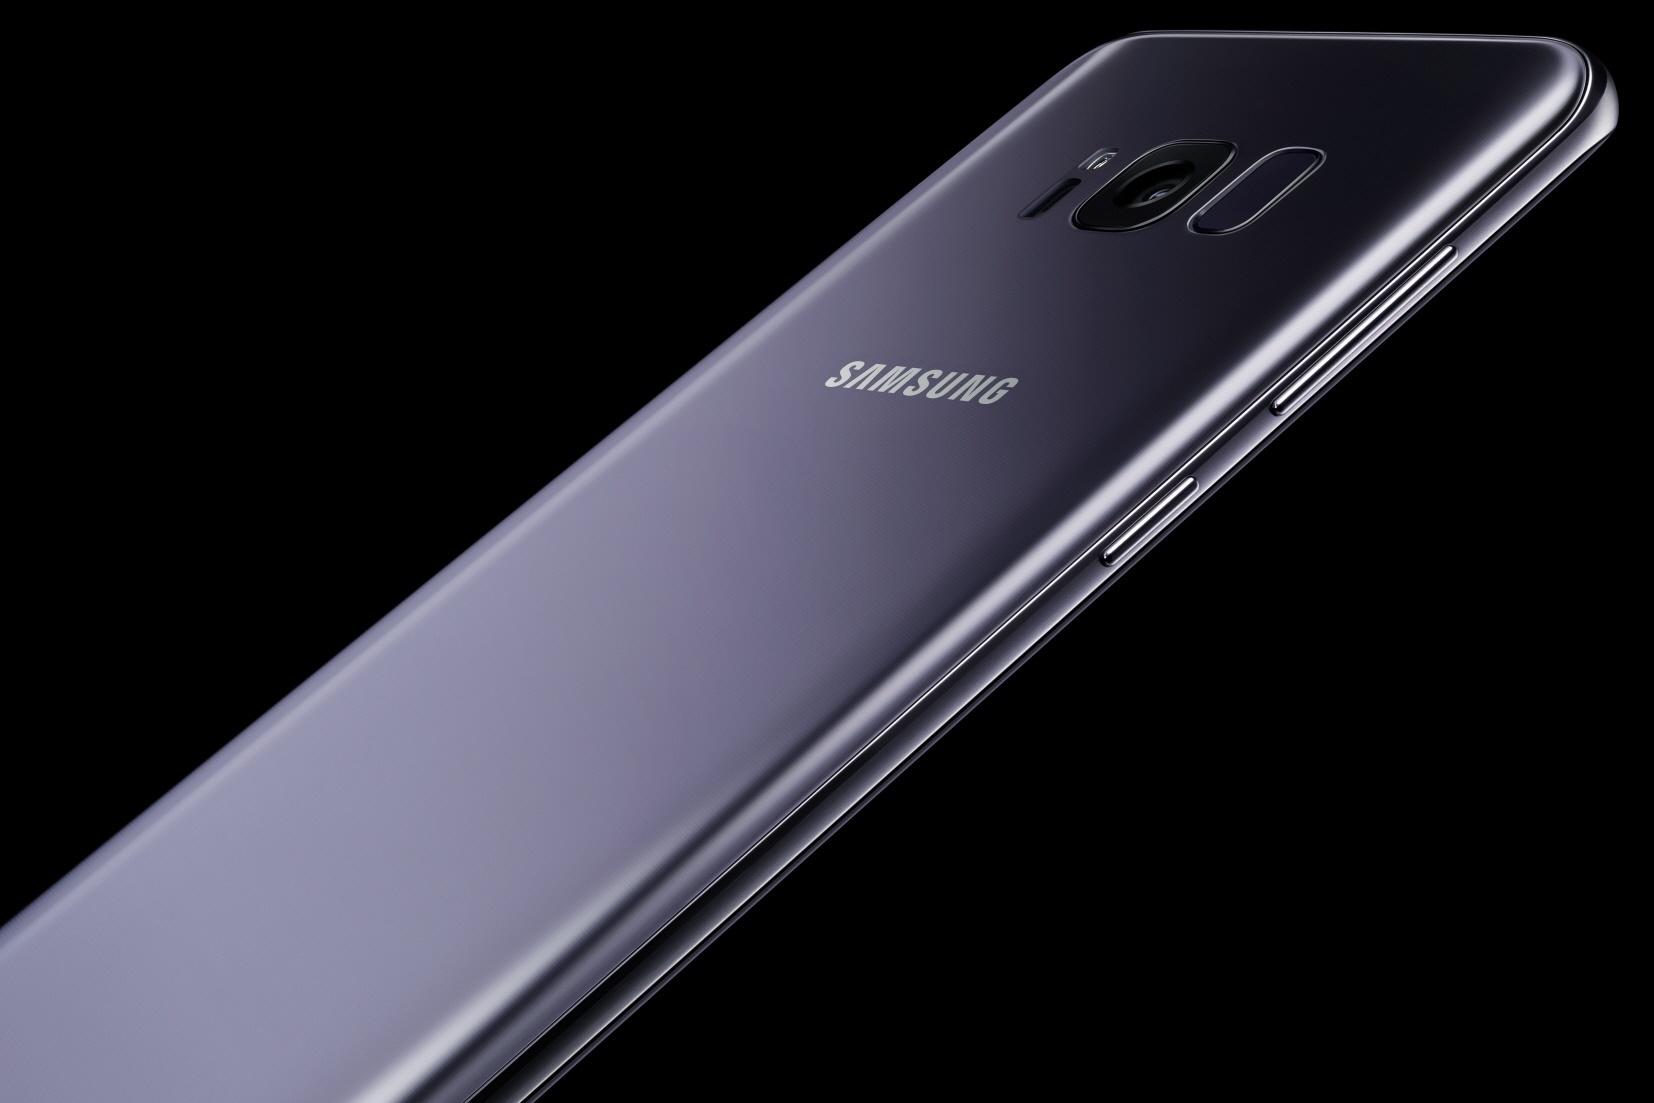 Imagem de Smartphones da Samsung lançados nos EUA terão suporte nativo para rádio FM no tecmundo